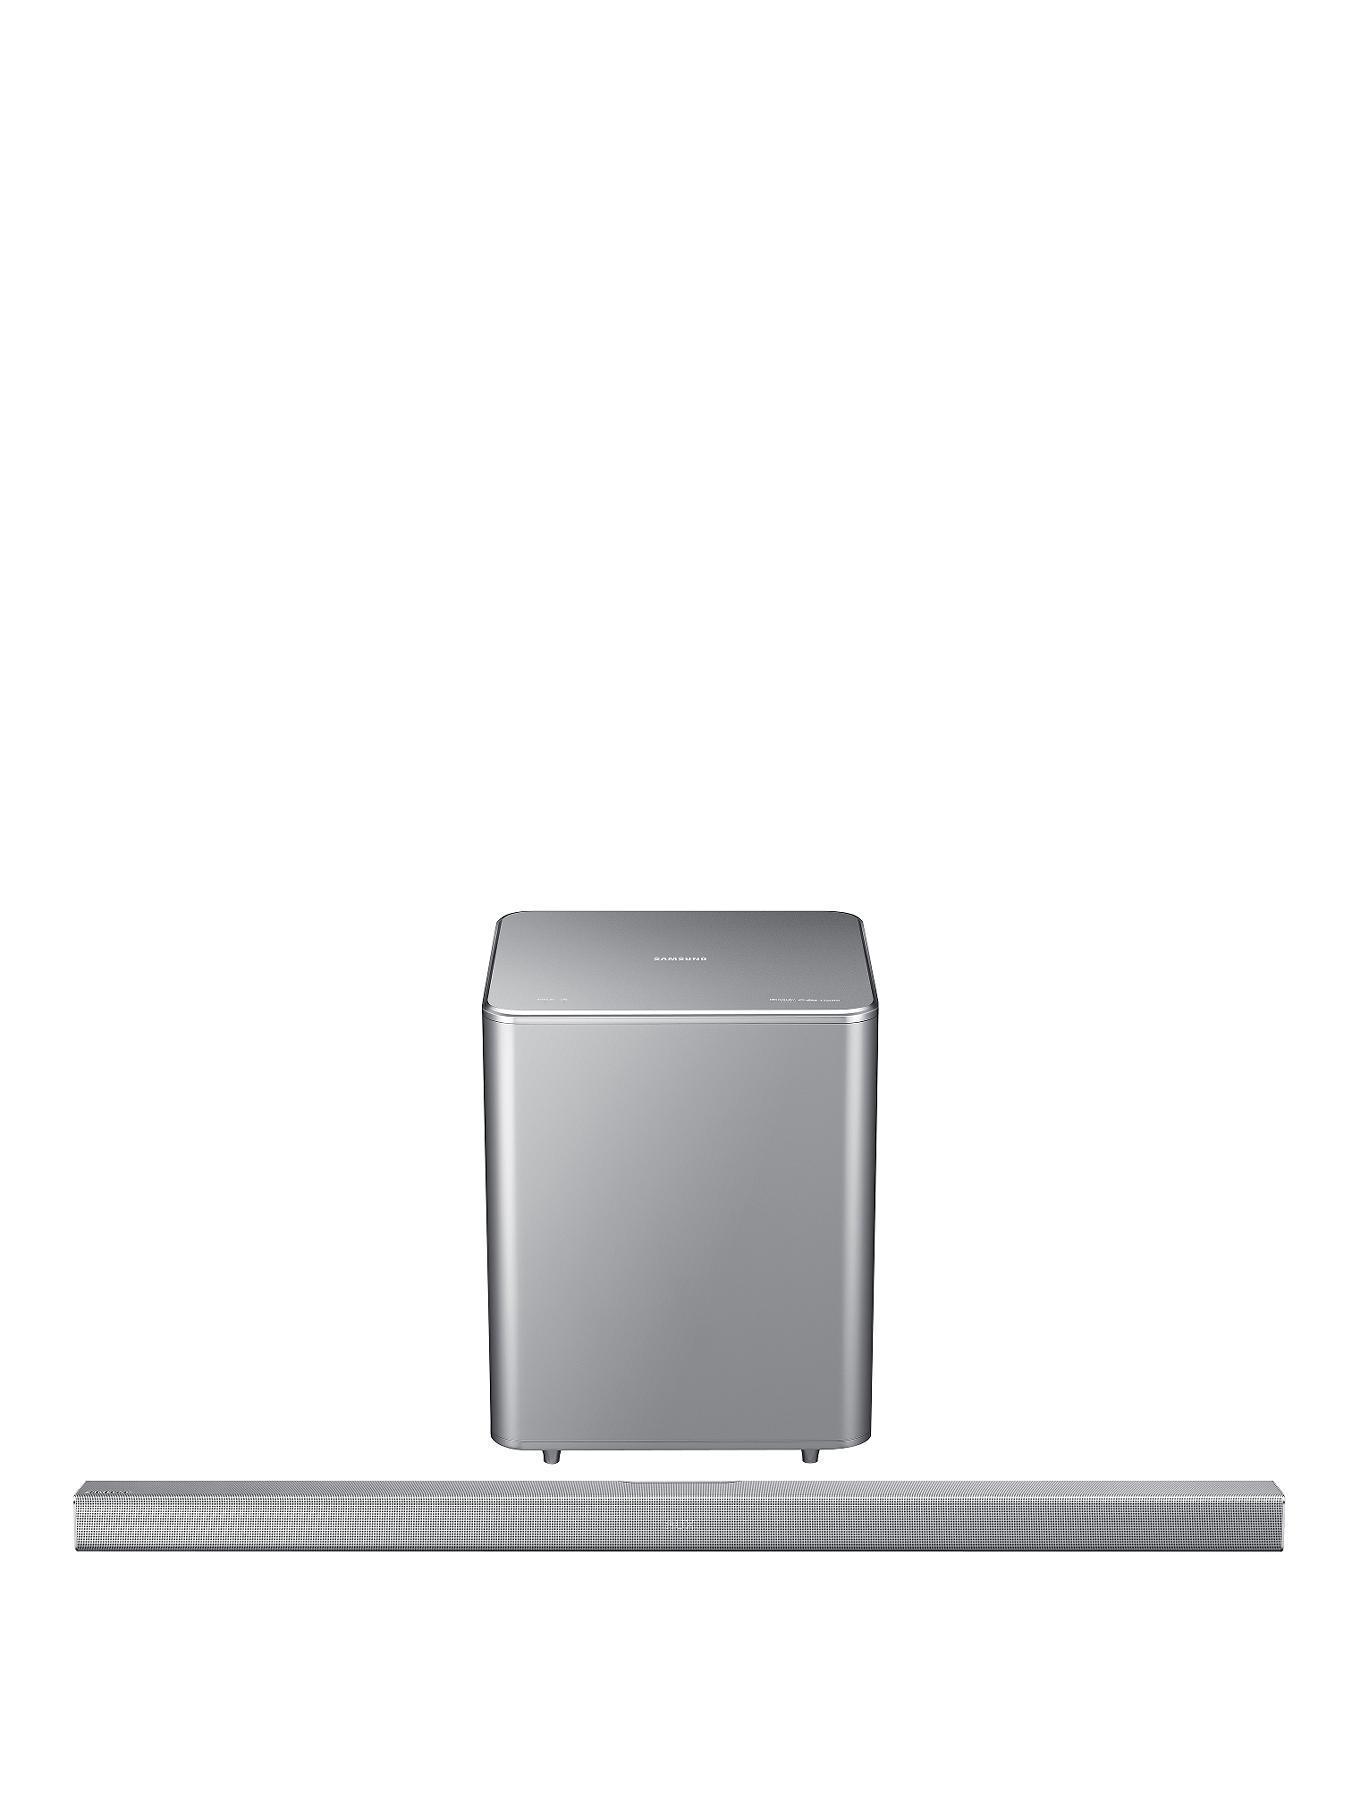 Samsung HW-H551 Soundbar - Silver